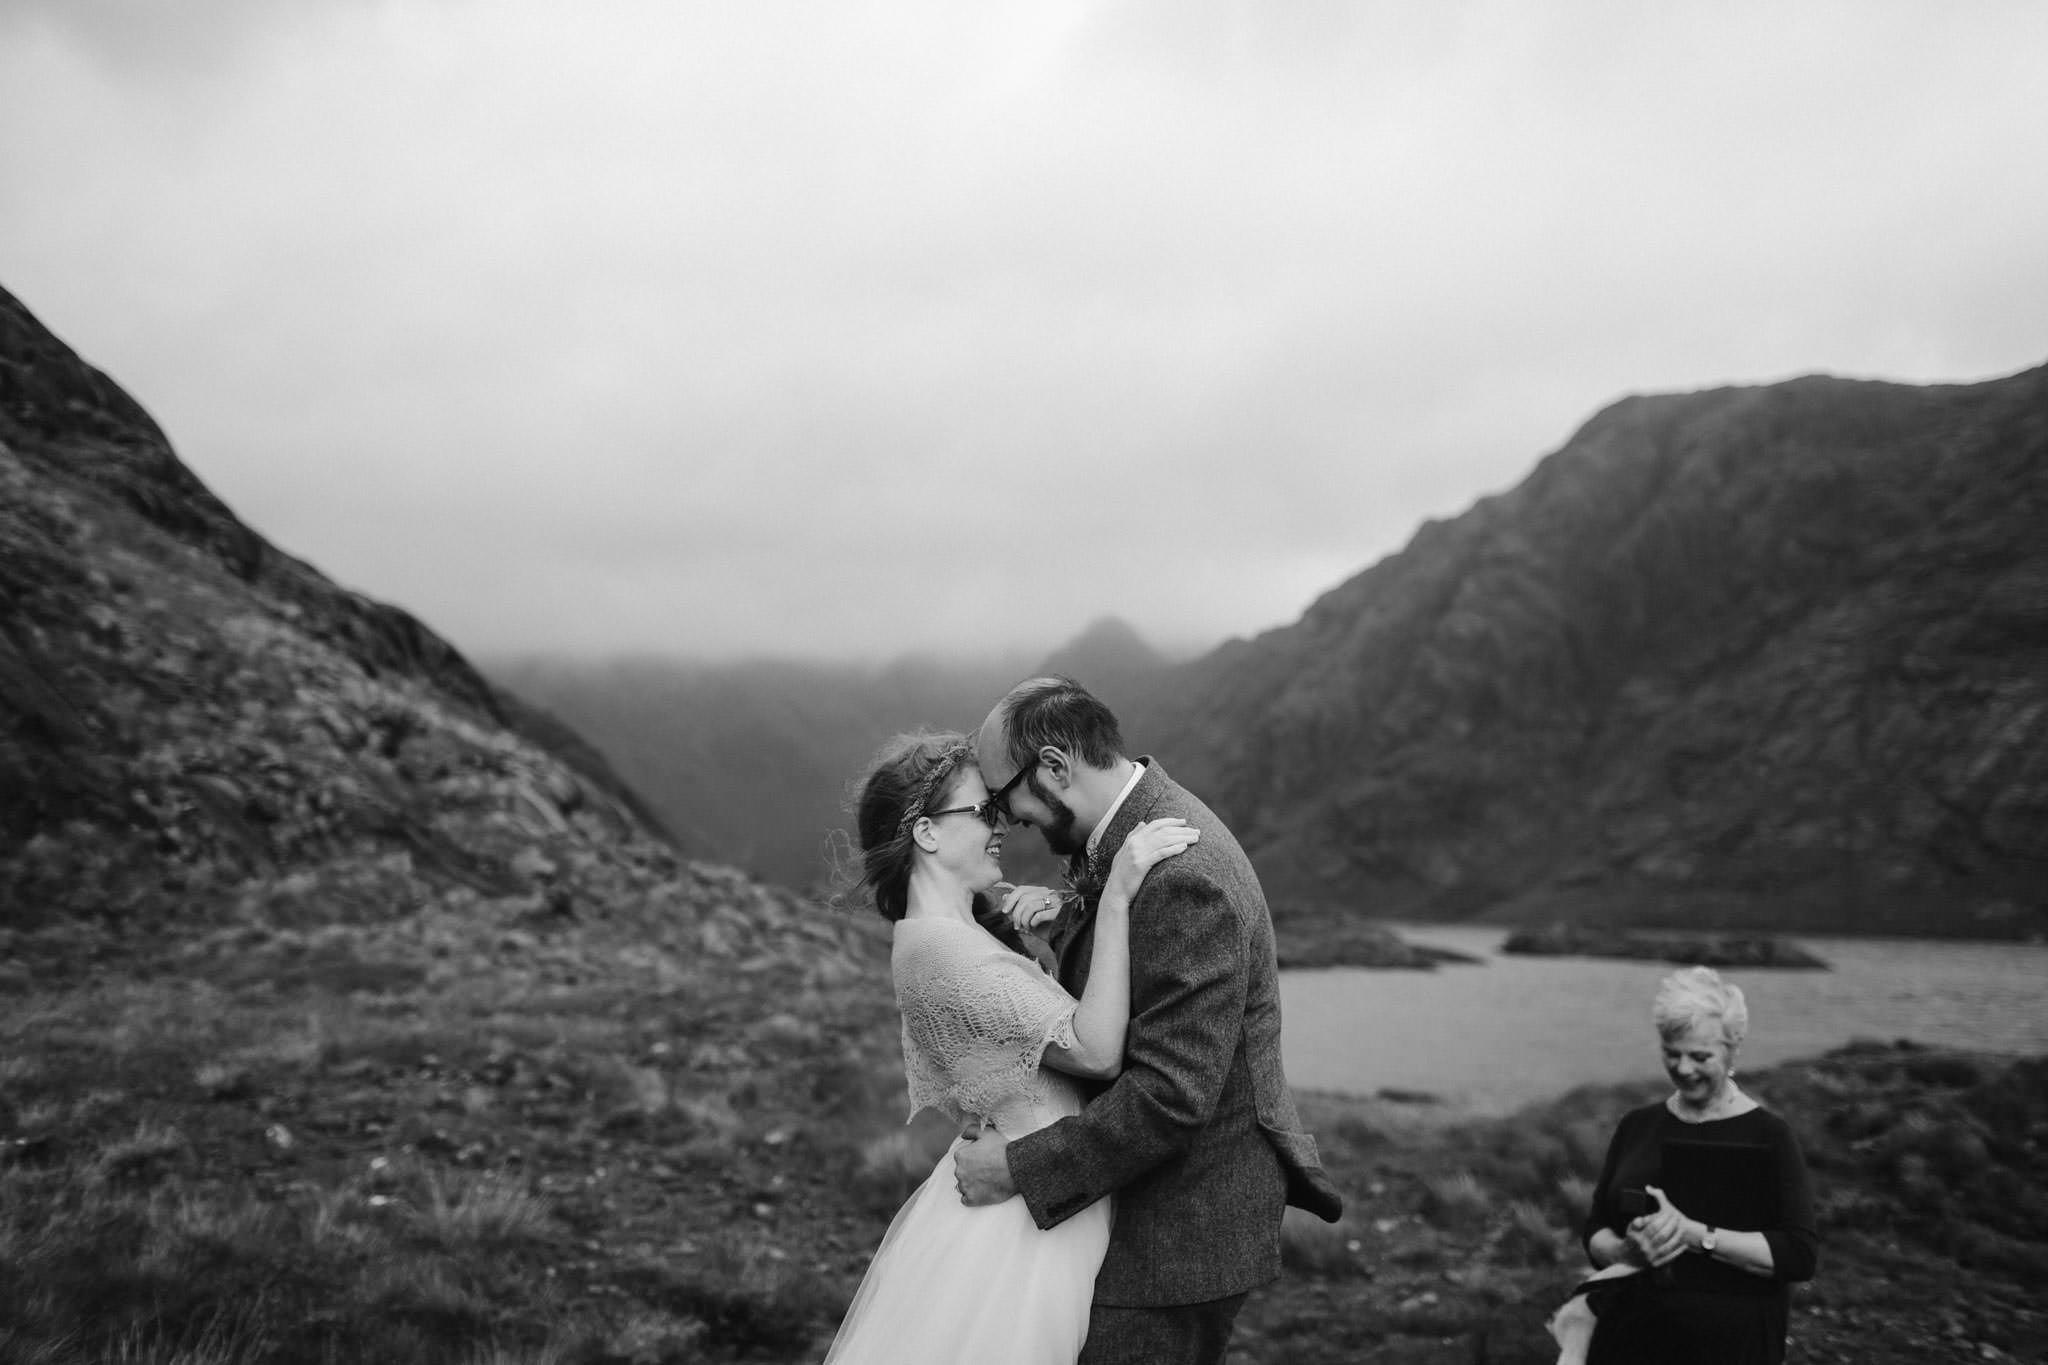 isle-of-skye-elopement-wedding-051